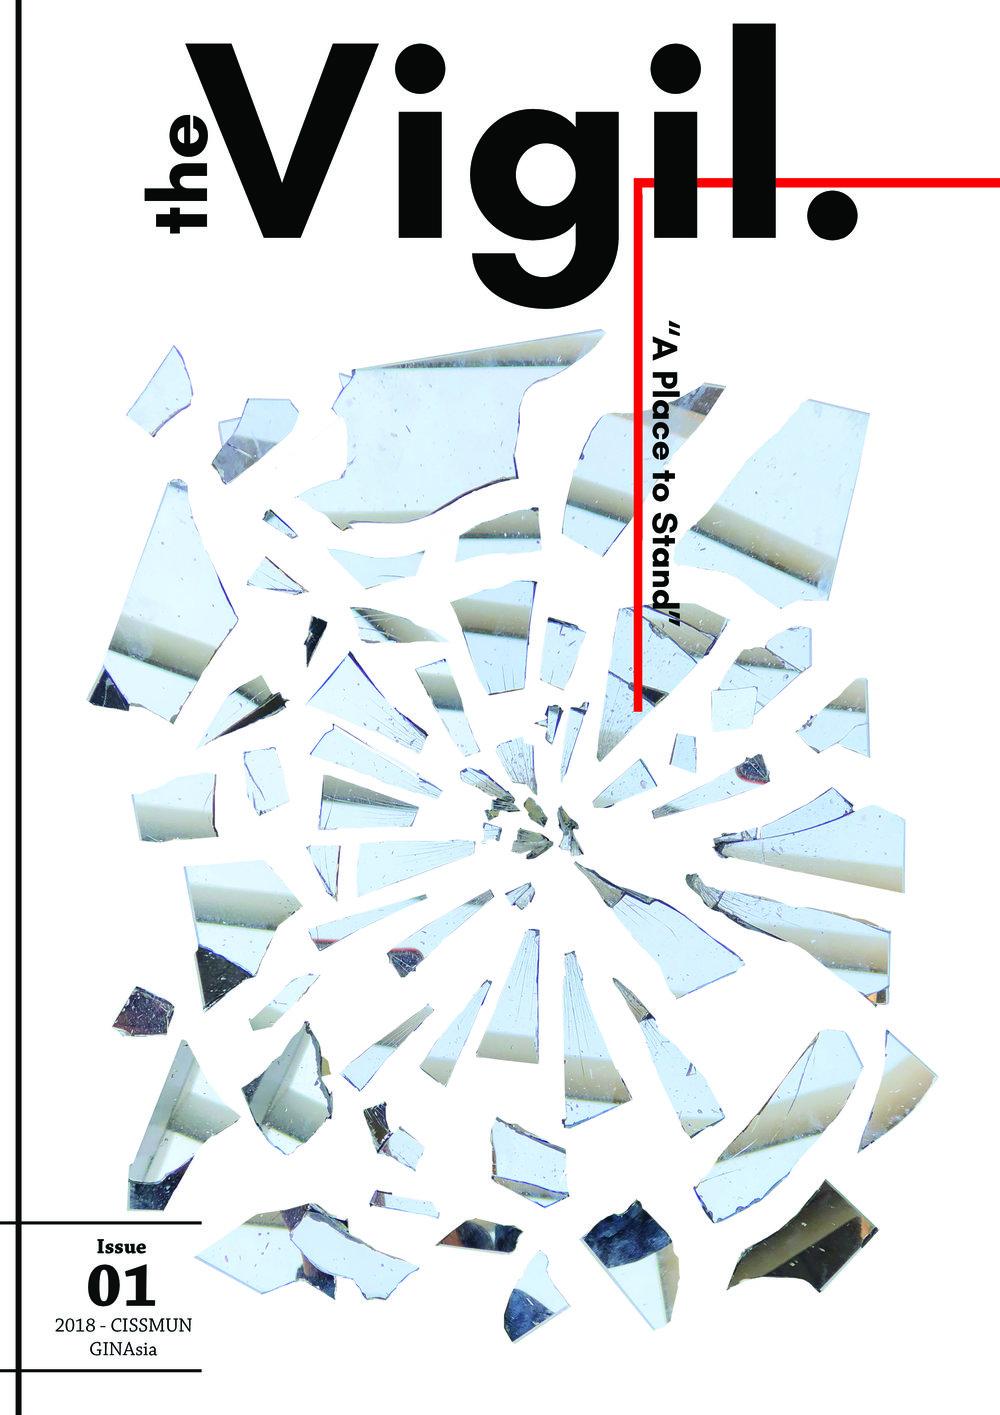 V1_Final_Page_1_Image_0001.jpg